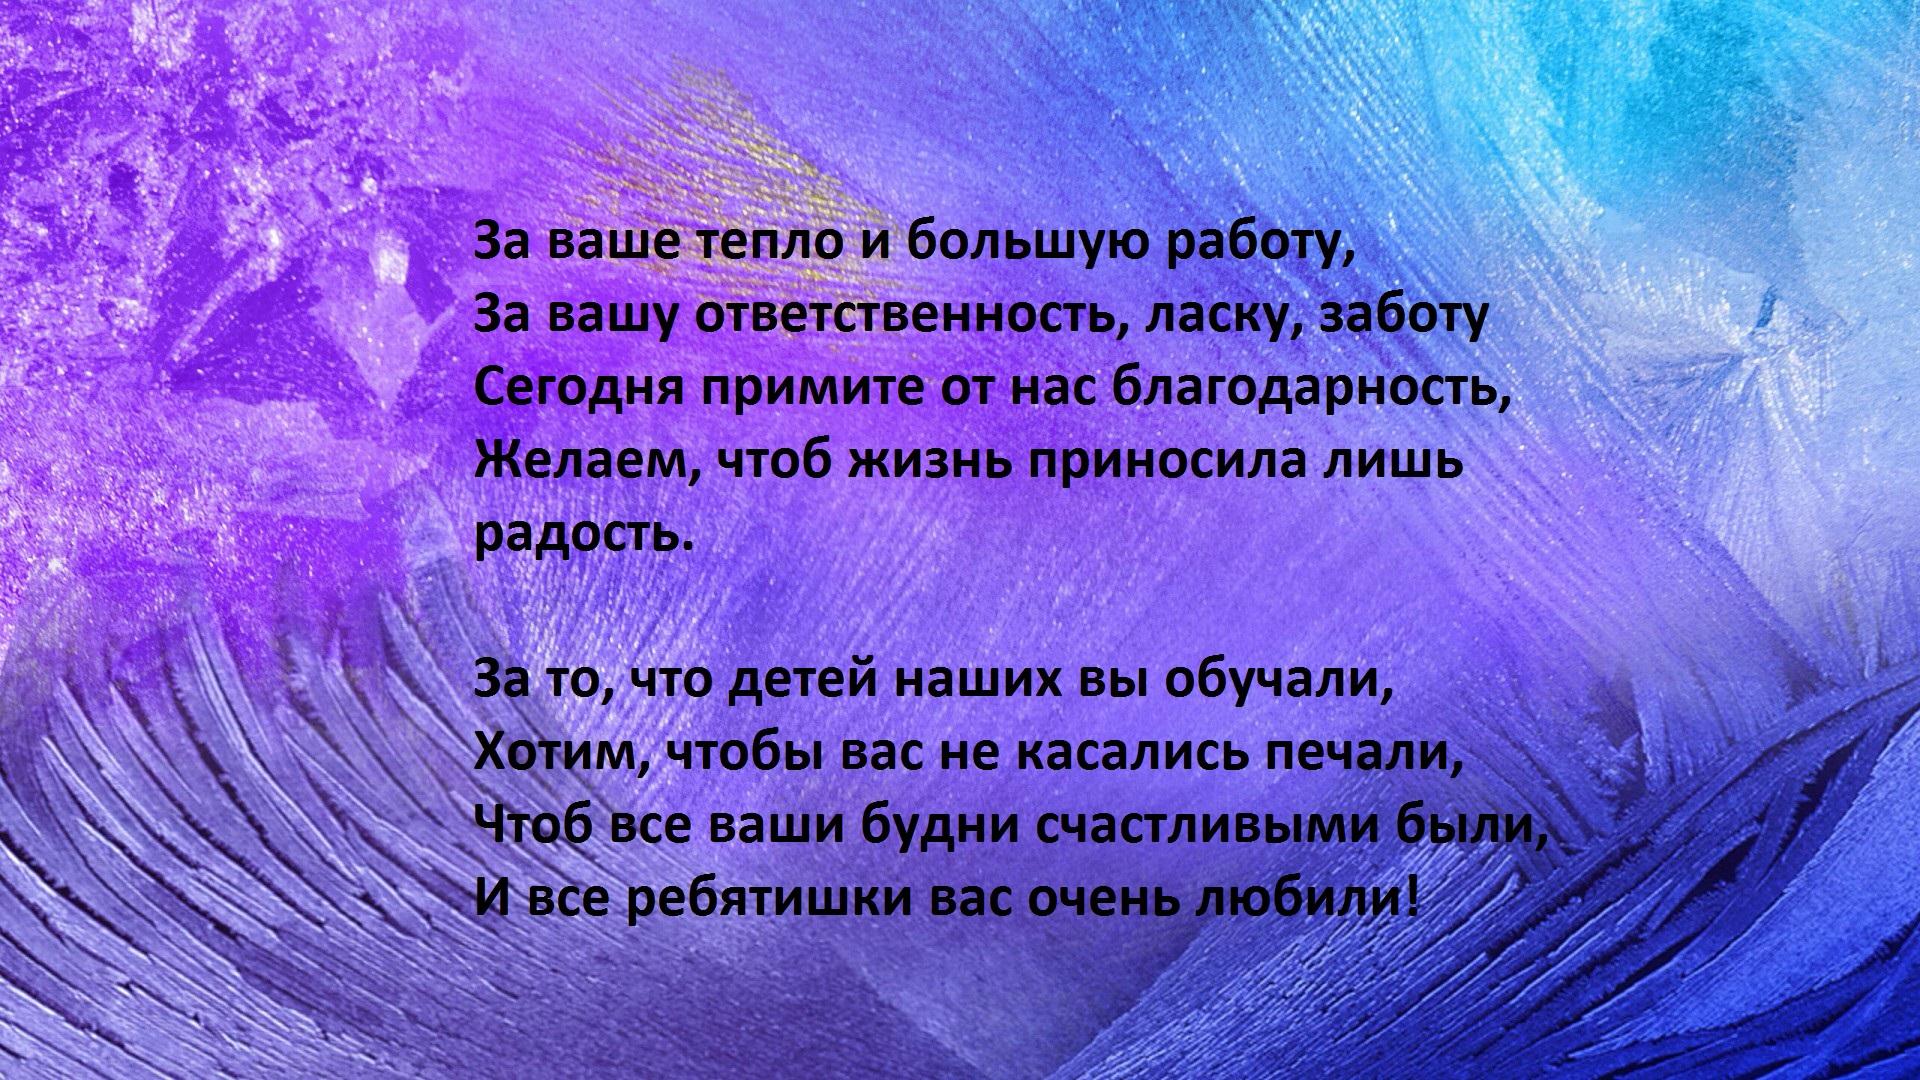 vospitatelyam1